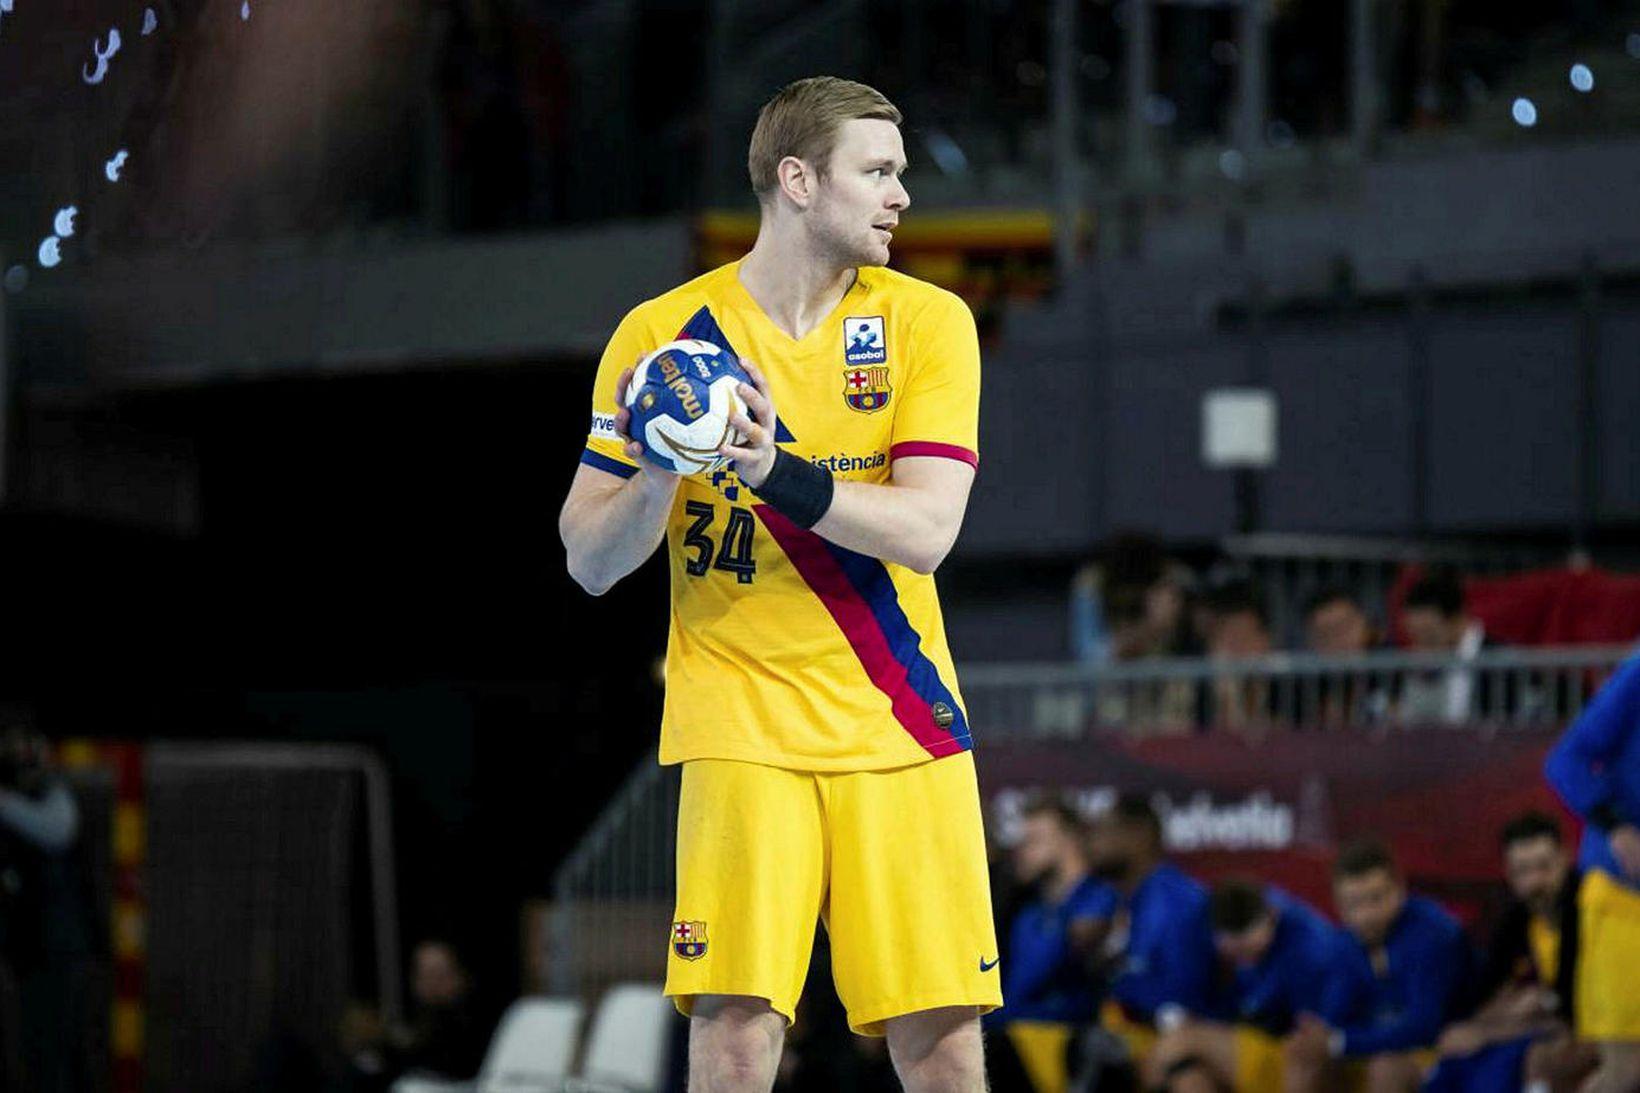 Aron Pálmarsson hefur leikið með Barcelona frá árinu 2017.